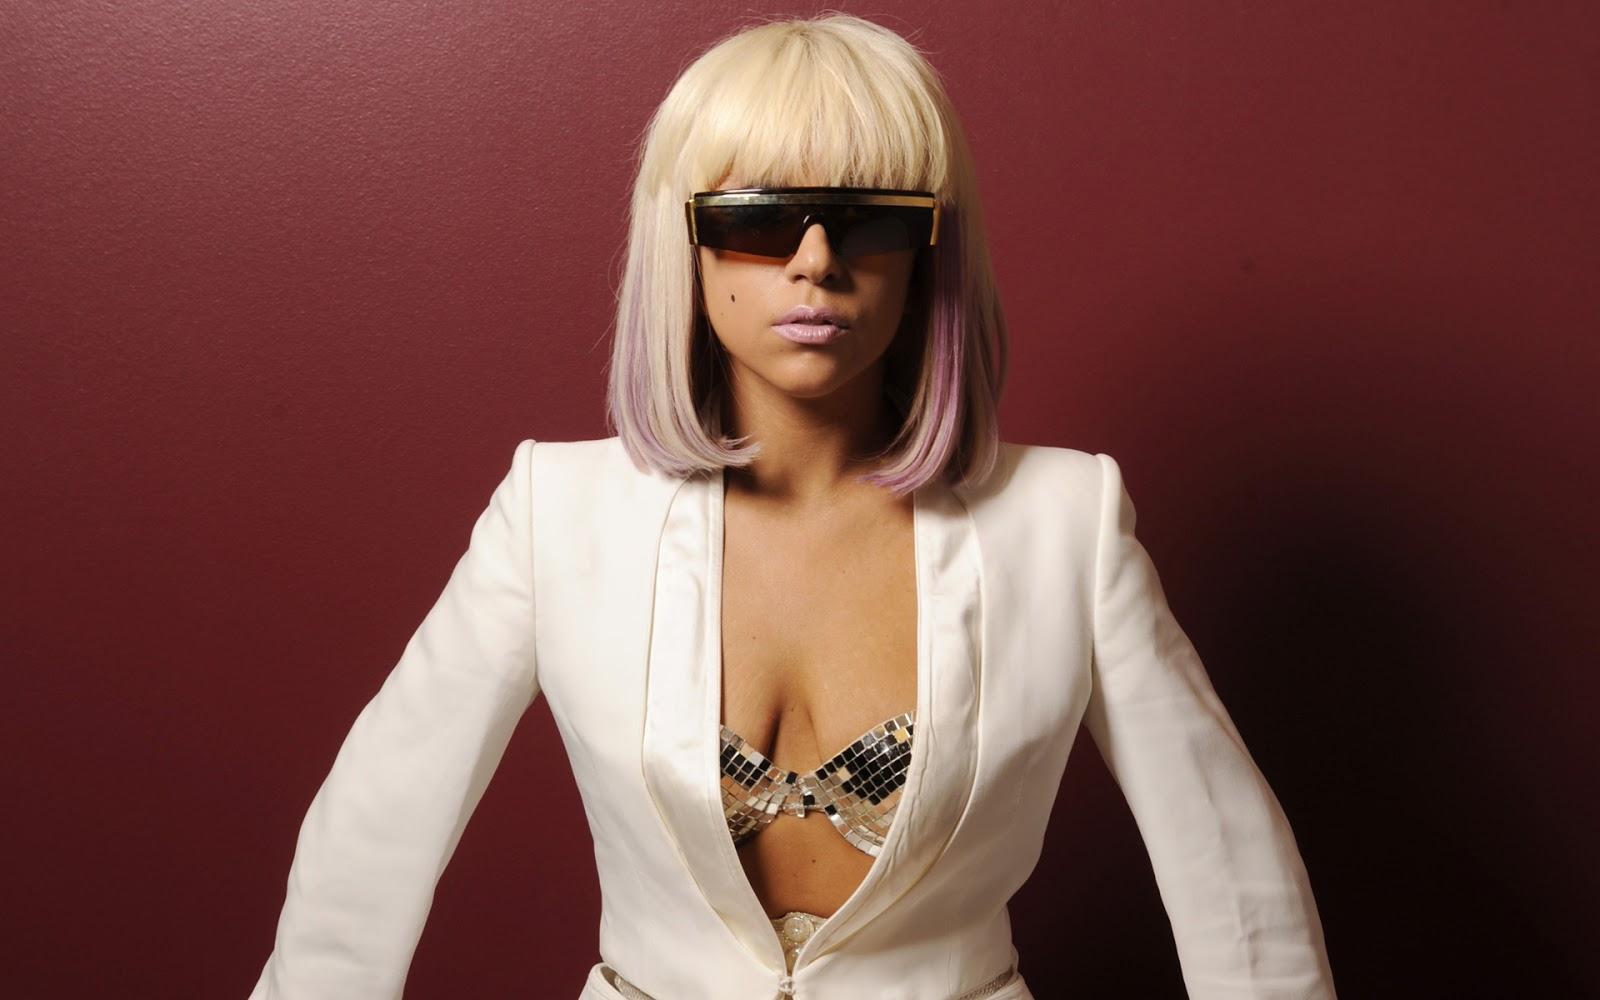 Lady Gaga New Hot HD Wallpaper 2013 | Hollywood Universe